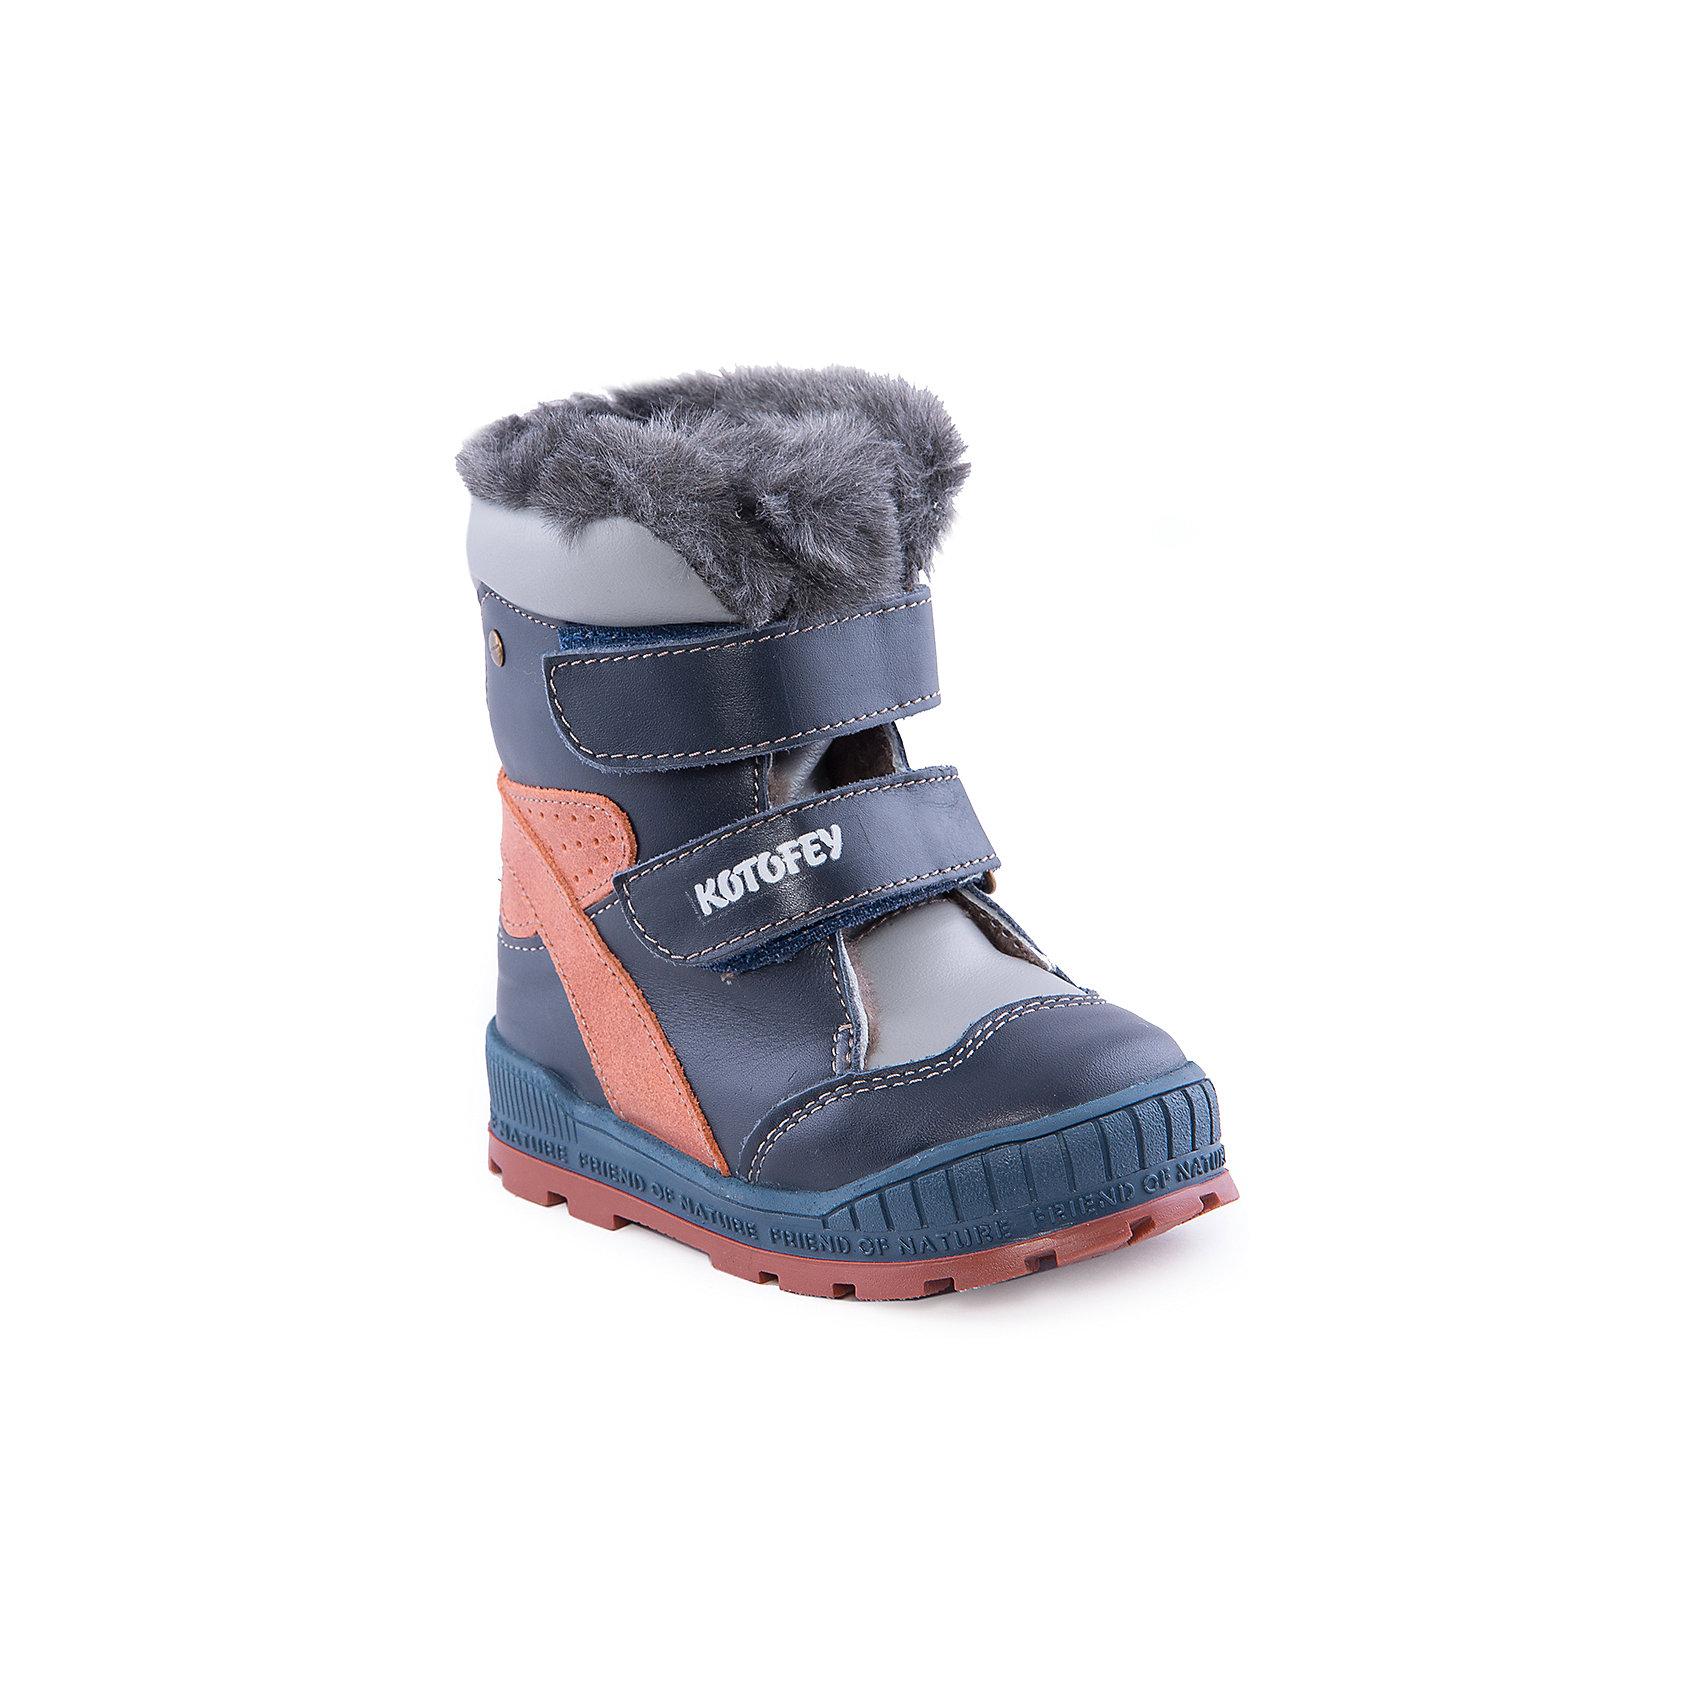 Ботинки для мальчика КотофейОбувь для малышей<br>Ботинки для мальчика от известного российского бренда Котофей<br><br>Теплые ботинки не только хорошо сидят на ноге - они легко надеваются благодаря удобной липучке. Эта модель создана с учетом особенностей развития детской стопы, поэтому все детали проработаны особенно тщательно.<br><br>Особенности модели: <br><br>- цвет - синий;<br>- контрастные оранжевые элементы;<br>- внутри натуральный мех;<br>- верх – натуральная кожа;<br>- комфортная колодка;<br>- подкладка утепленная;<br>- вид крепления – клеевой;<br>- защита пальцев;<br>- амортизирующая устойчивая подошва;<br>- застежка - липучка.<br><br>Дополнительная информация:<br><br>Температурный режим: <br><br>от -25° С до 0° С<br><br>Состав:<br>верх – натуральная кожа;<br>подкладка - овчина;<br>подошва - ТЭП;<br><br>Ботинки для мальчика Котофей можно купить в нашем магазине.<br><br>Ширина мм: 262<br>Глубина мм: 176<br>Высота мм: 97<br>Вес г: 427<br>Цвет: голубой<br>Возраст от месяцев: 18<br>Возраст до месяцев: 21<br>Пол: Мужской<br>Возраст: Детский<br>Размер: 25,26,23,24<br>SKU: 4315258